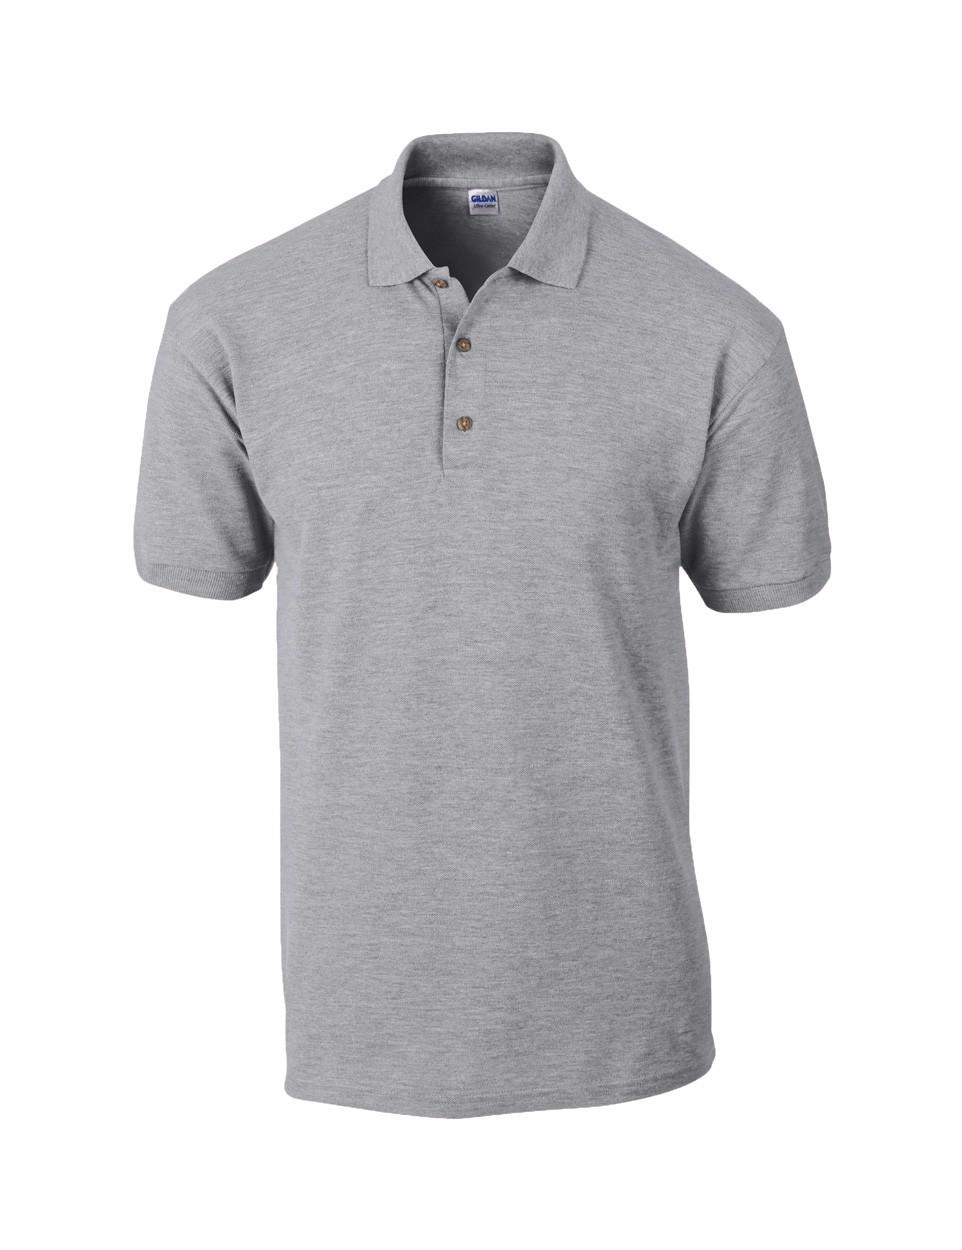 Pique Poloshirt (Erwachsene) Ultra Cotton - Grau / XL